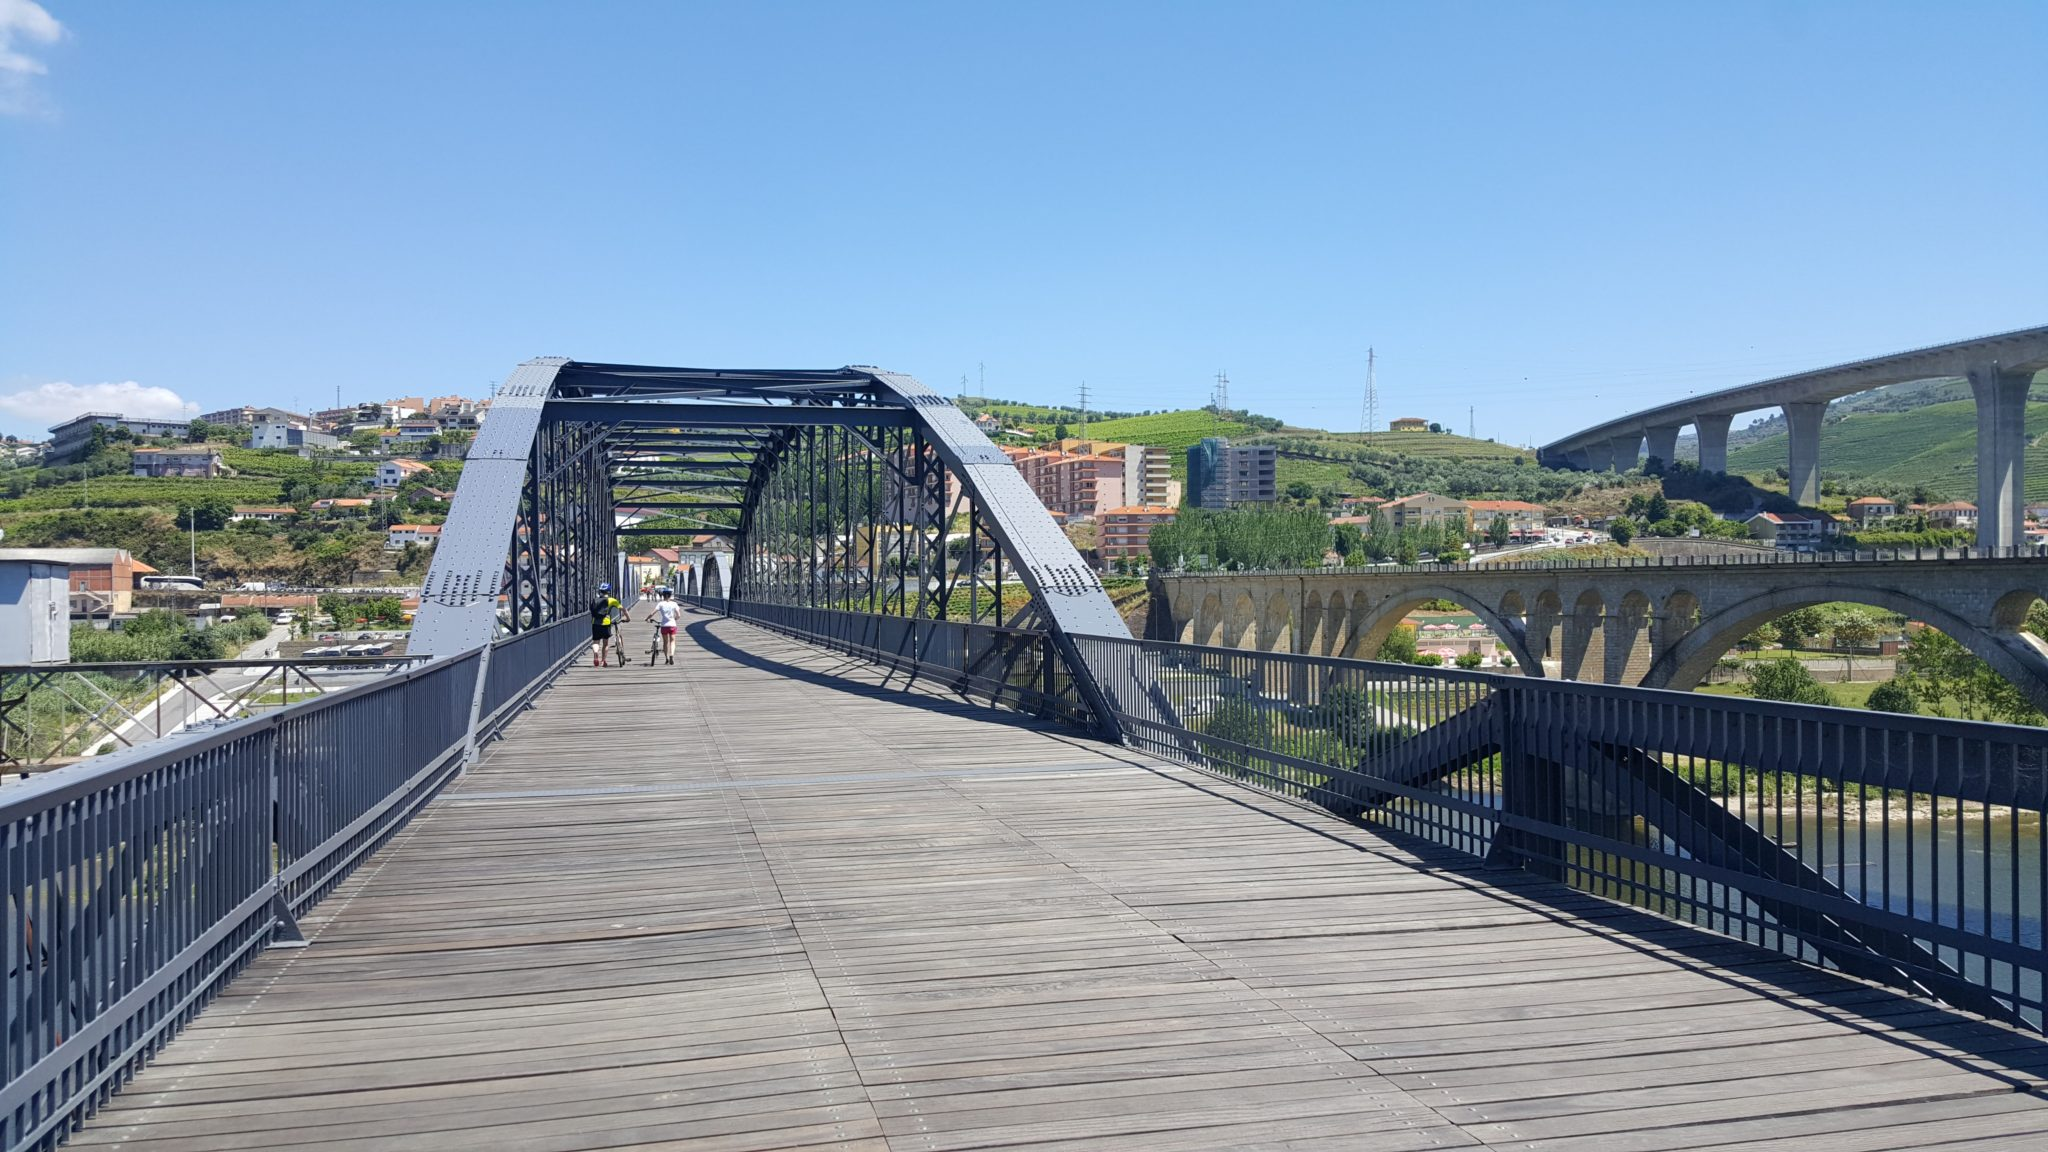 Ponte Metálica da Régua © Viaje Comigo